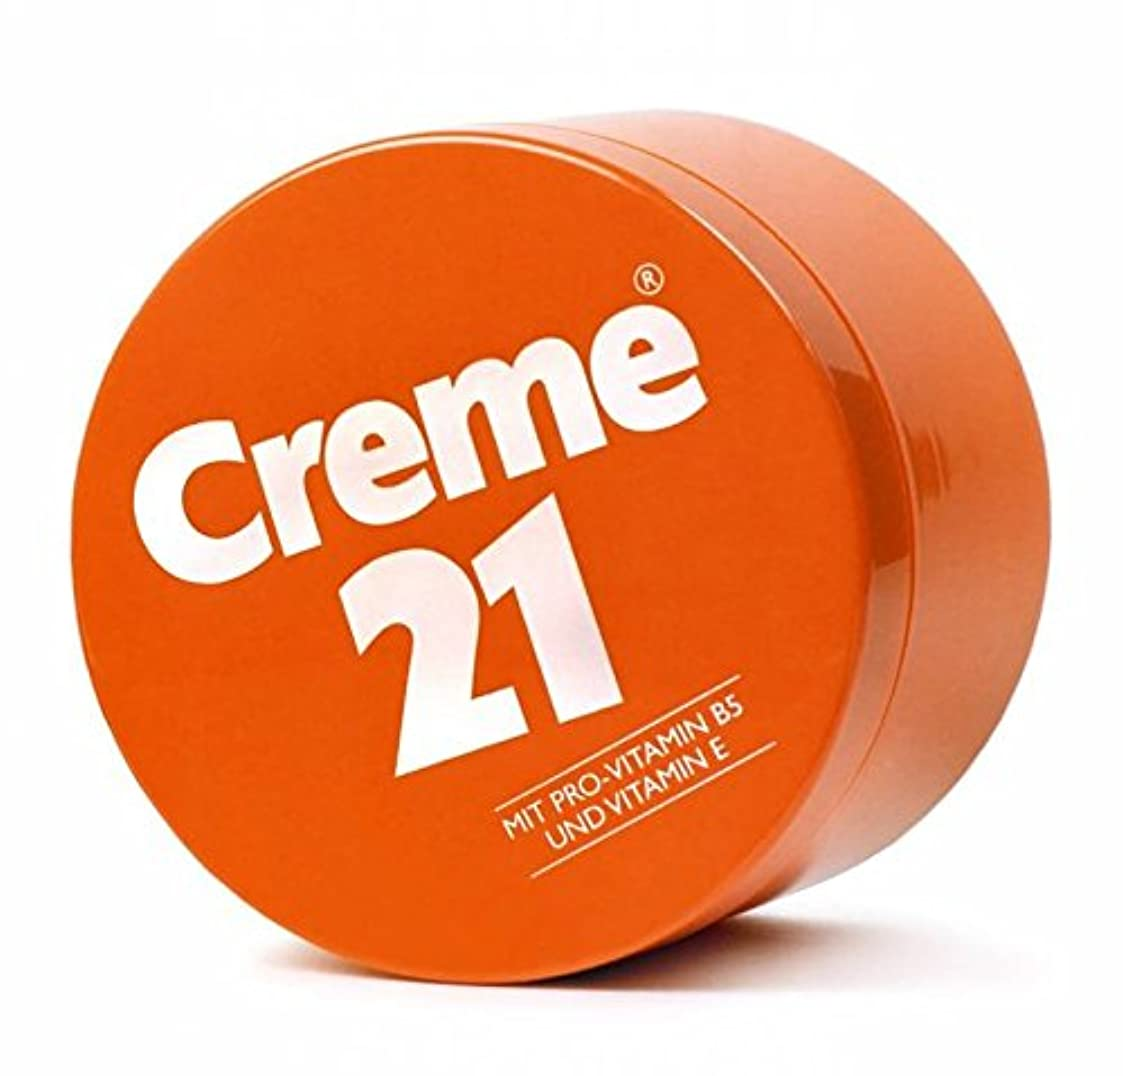 伝記ますます購入クリーム21 スキンケアクリーム 250ml 3個 [並行輸入品] [海外直送品]